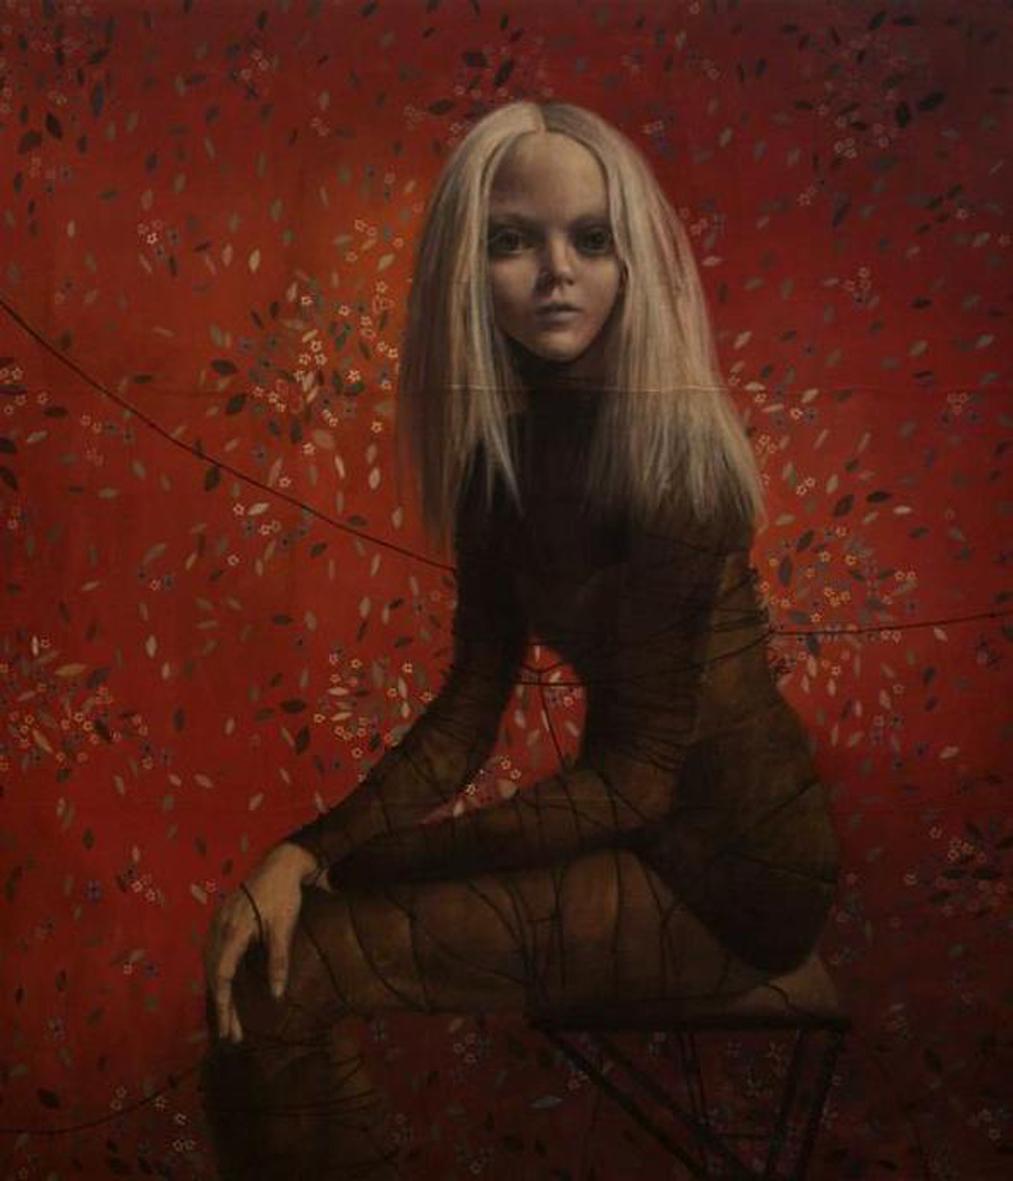 Хрупкая девушка фото 3 фотография